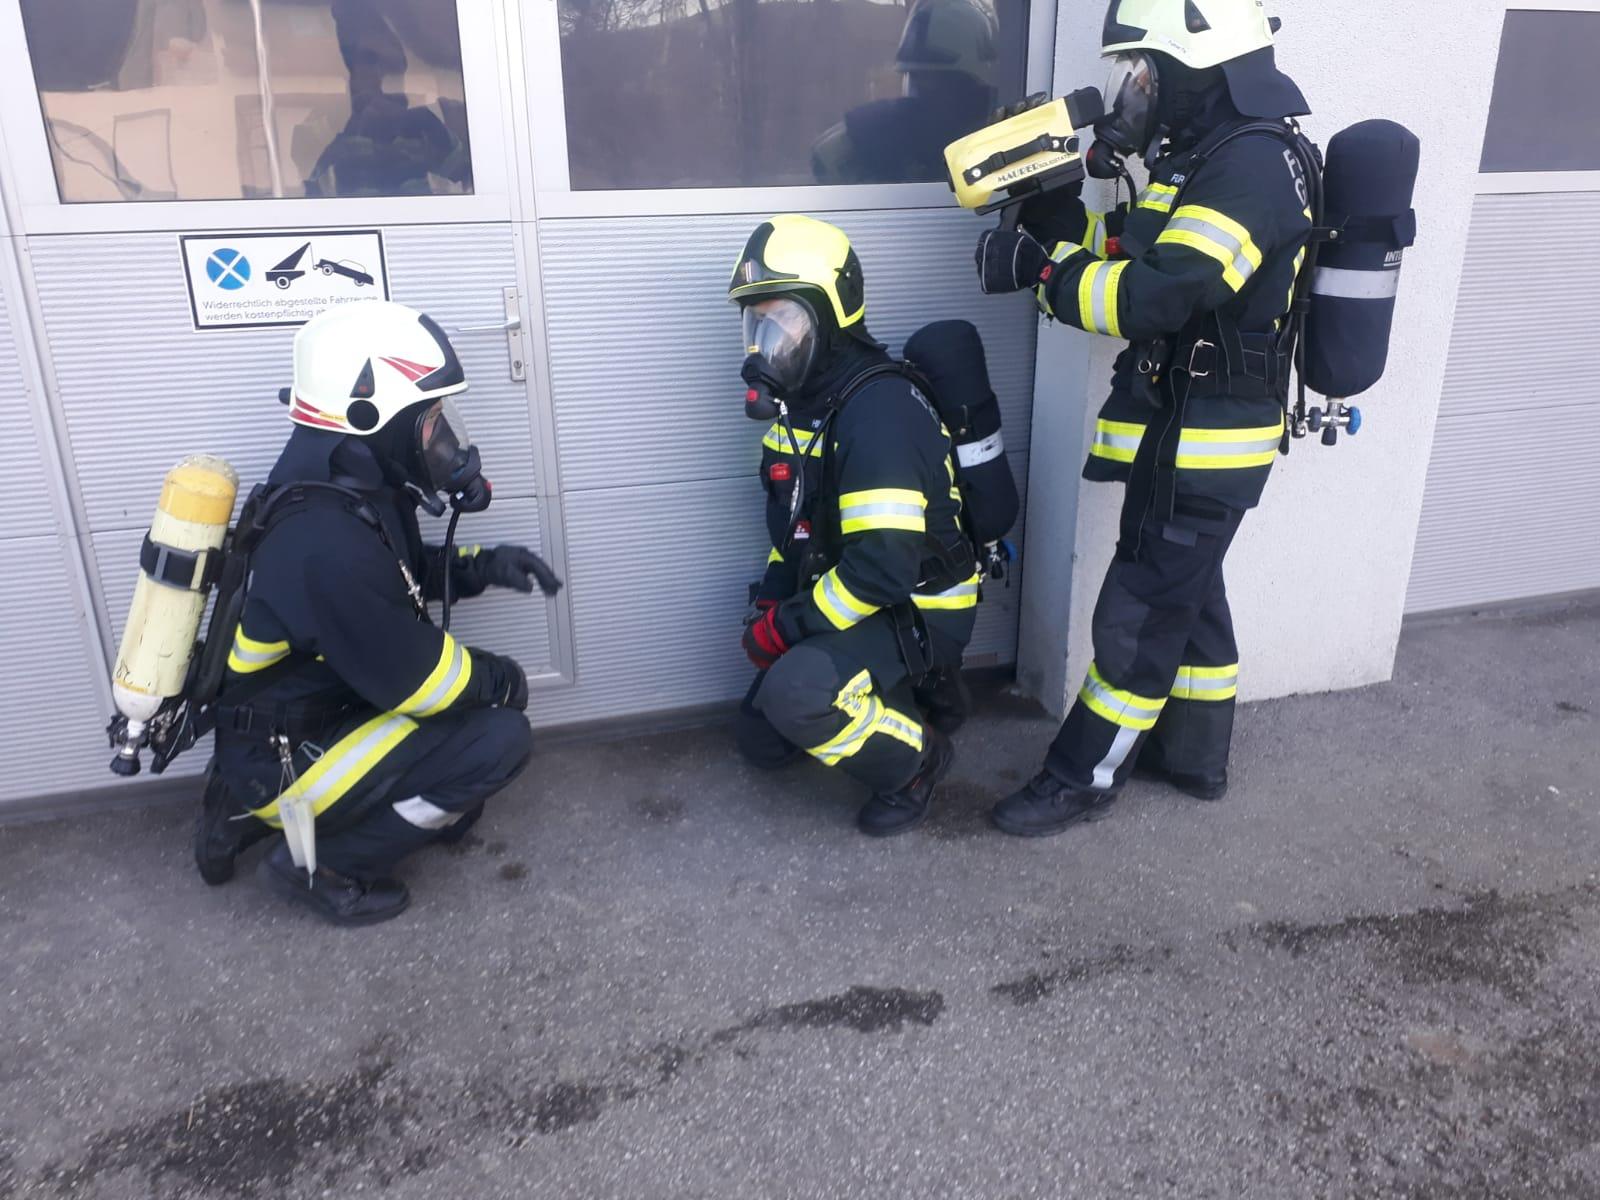 6 neue Atemschutzträger in den Einsatzdienst übernommen